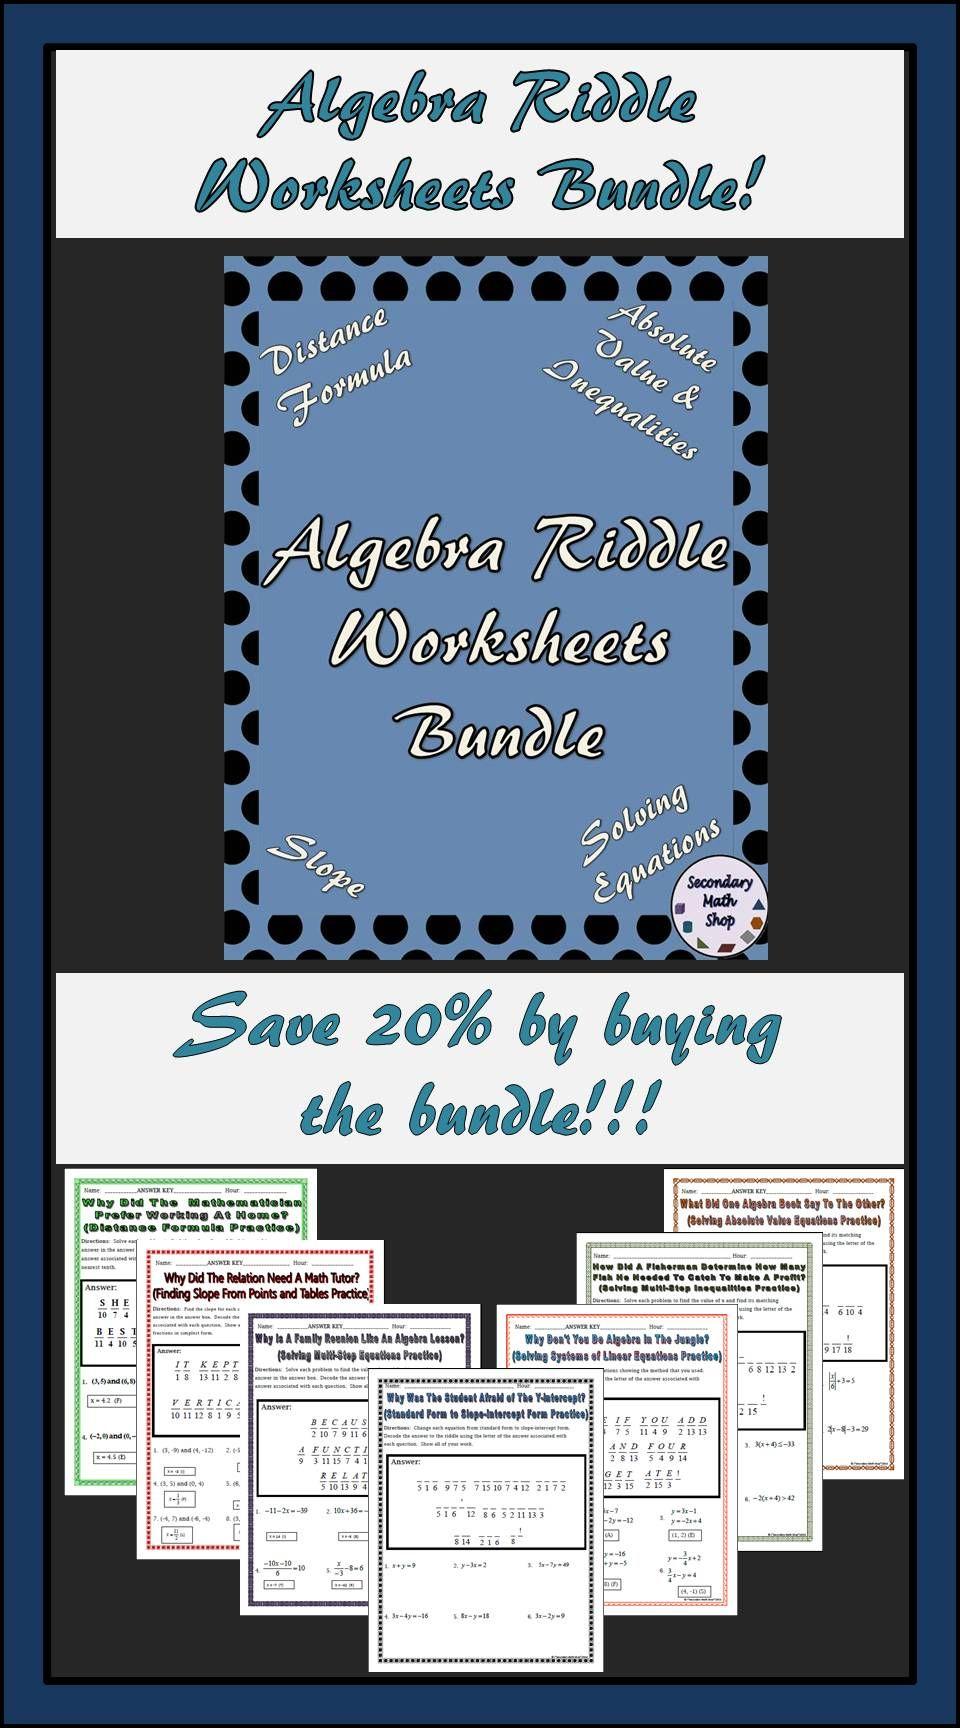 Algebra Riddle Worksheet Money Saving Bundle | Cool Math Stuff ...